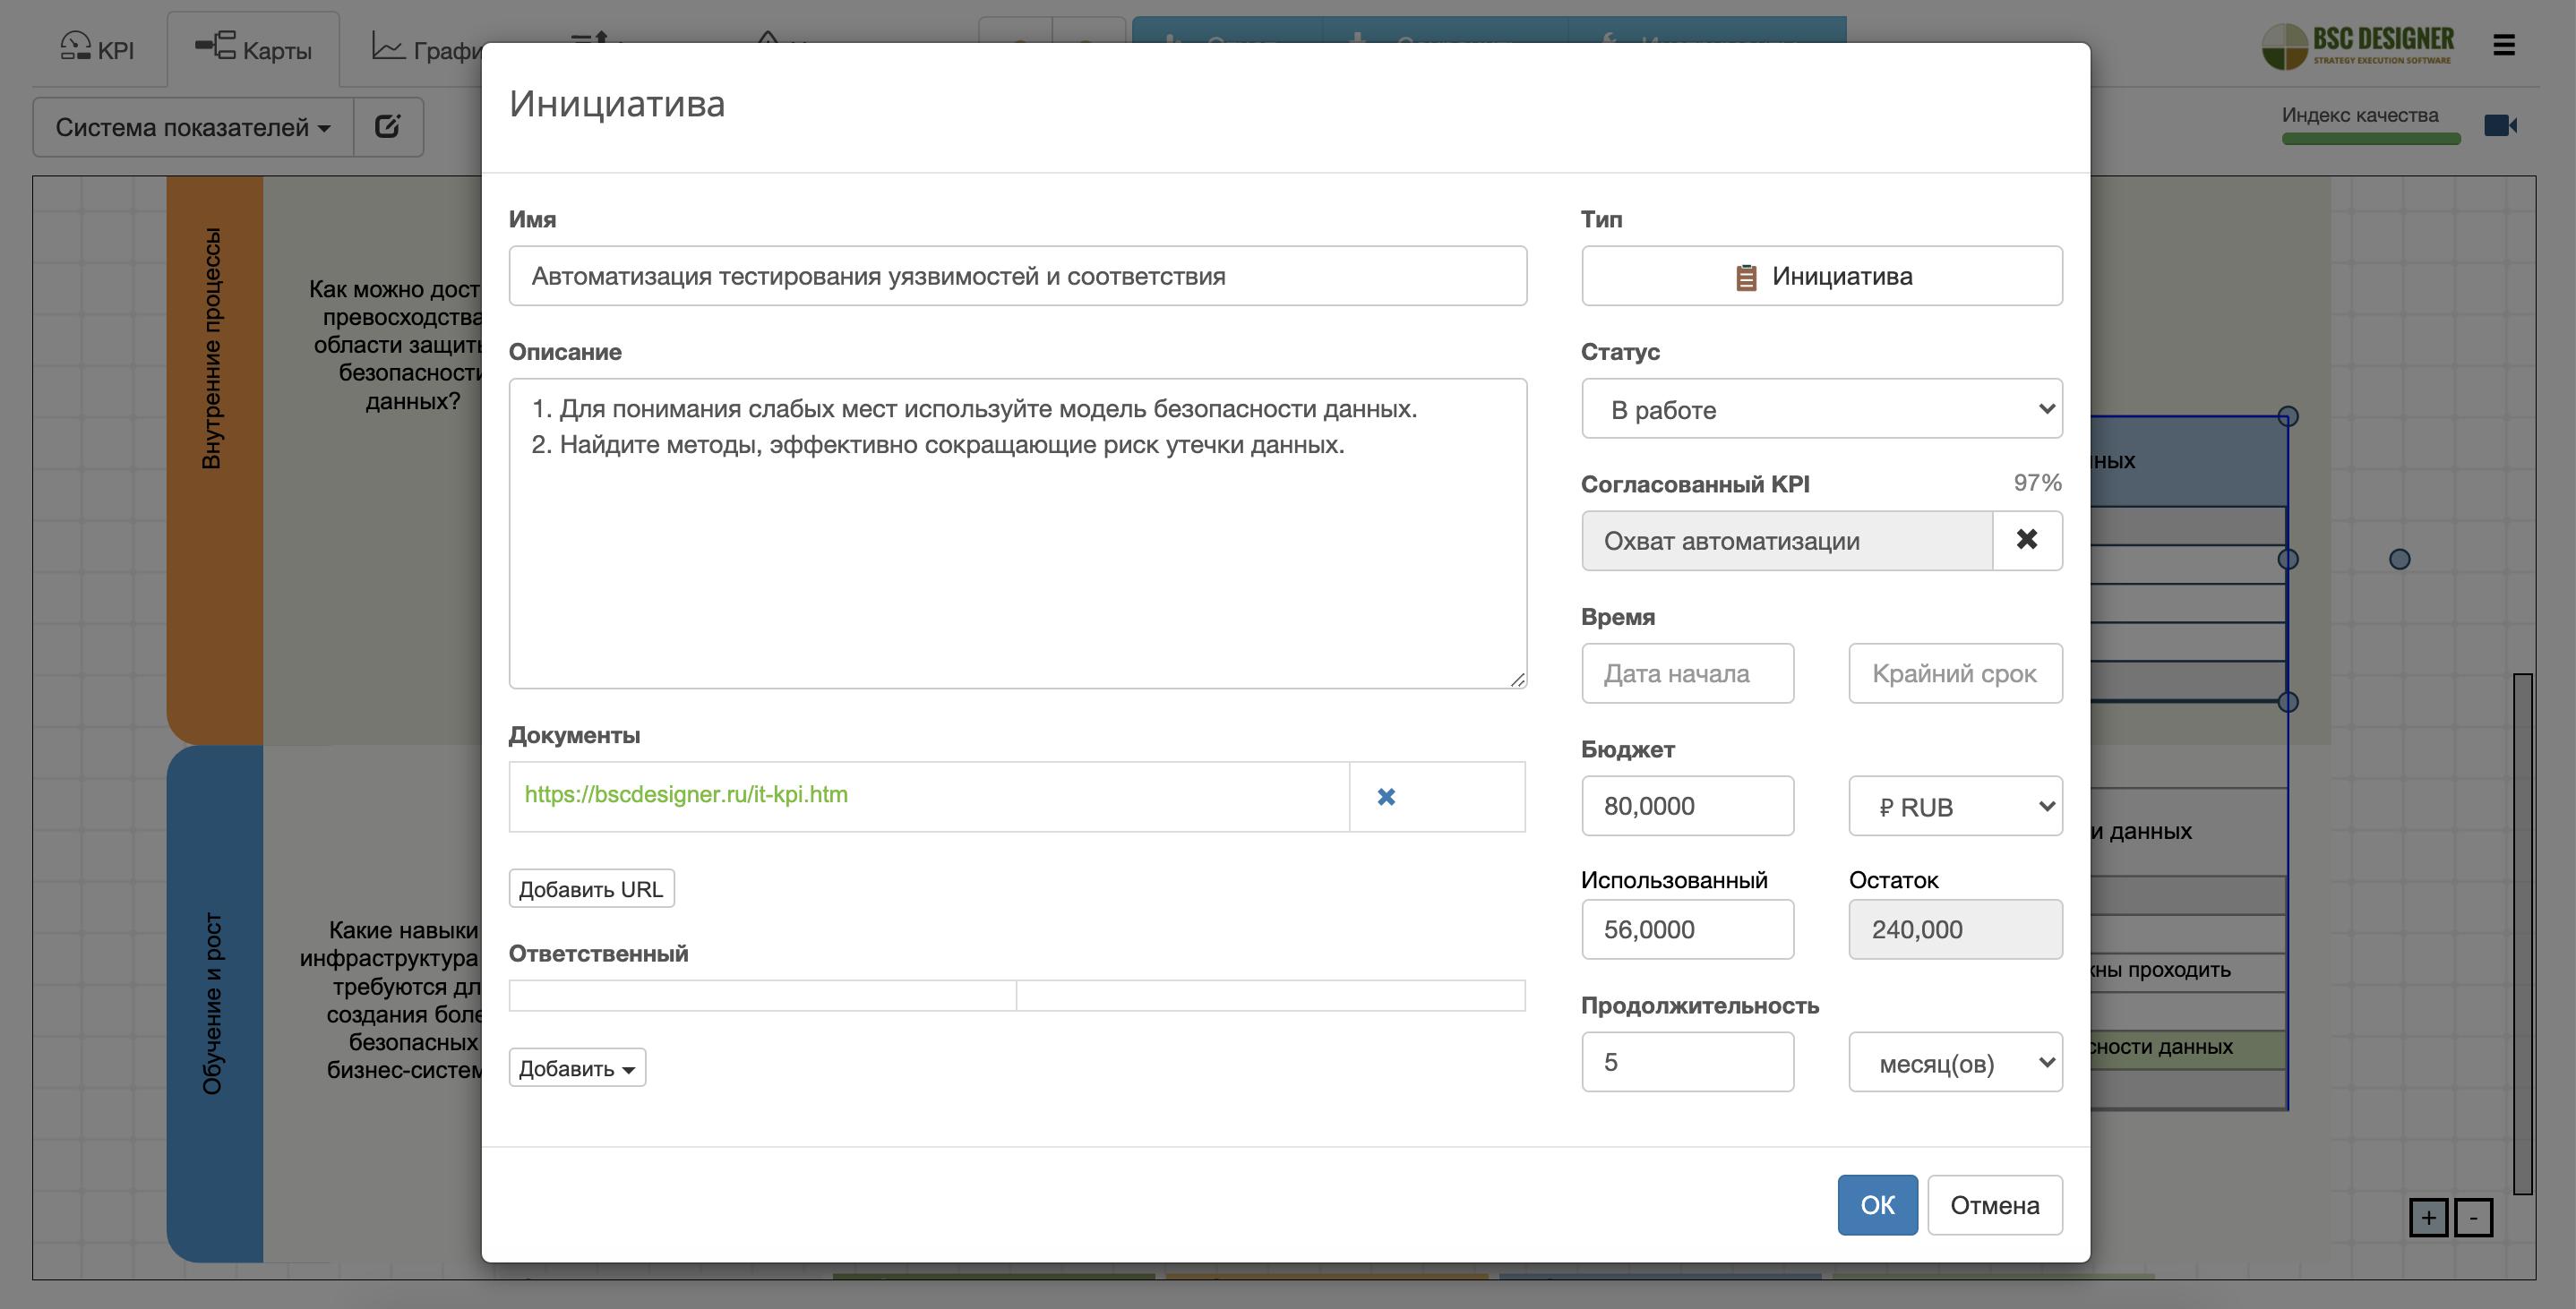 Пример инициативы: автоматизация тестирования